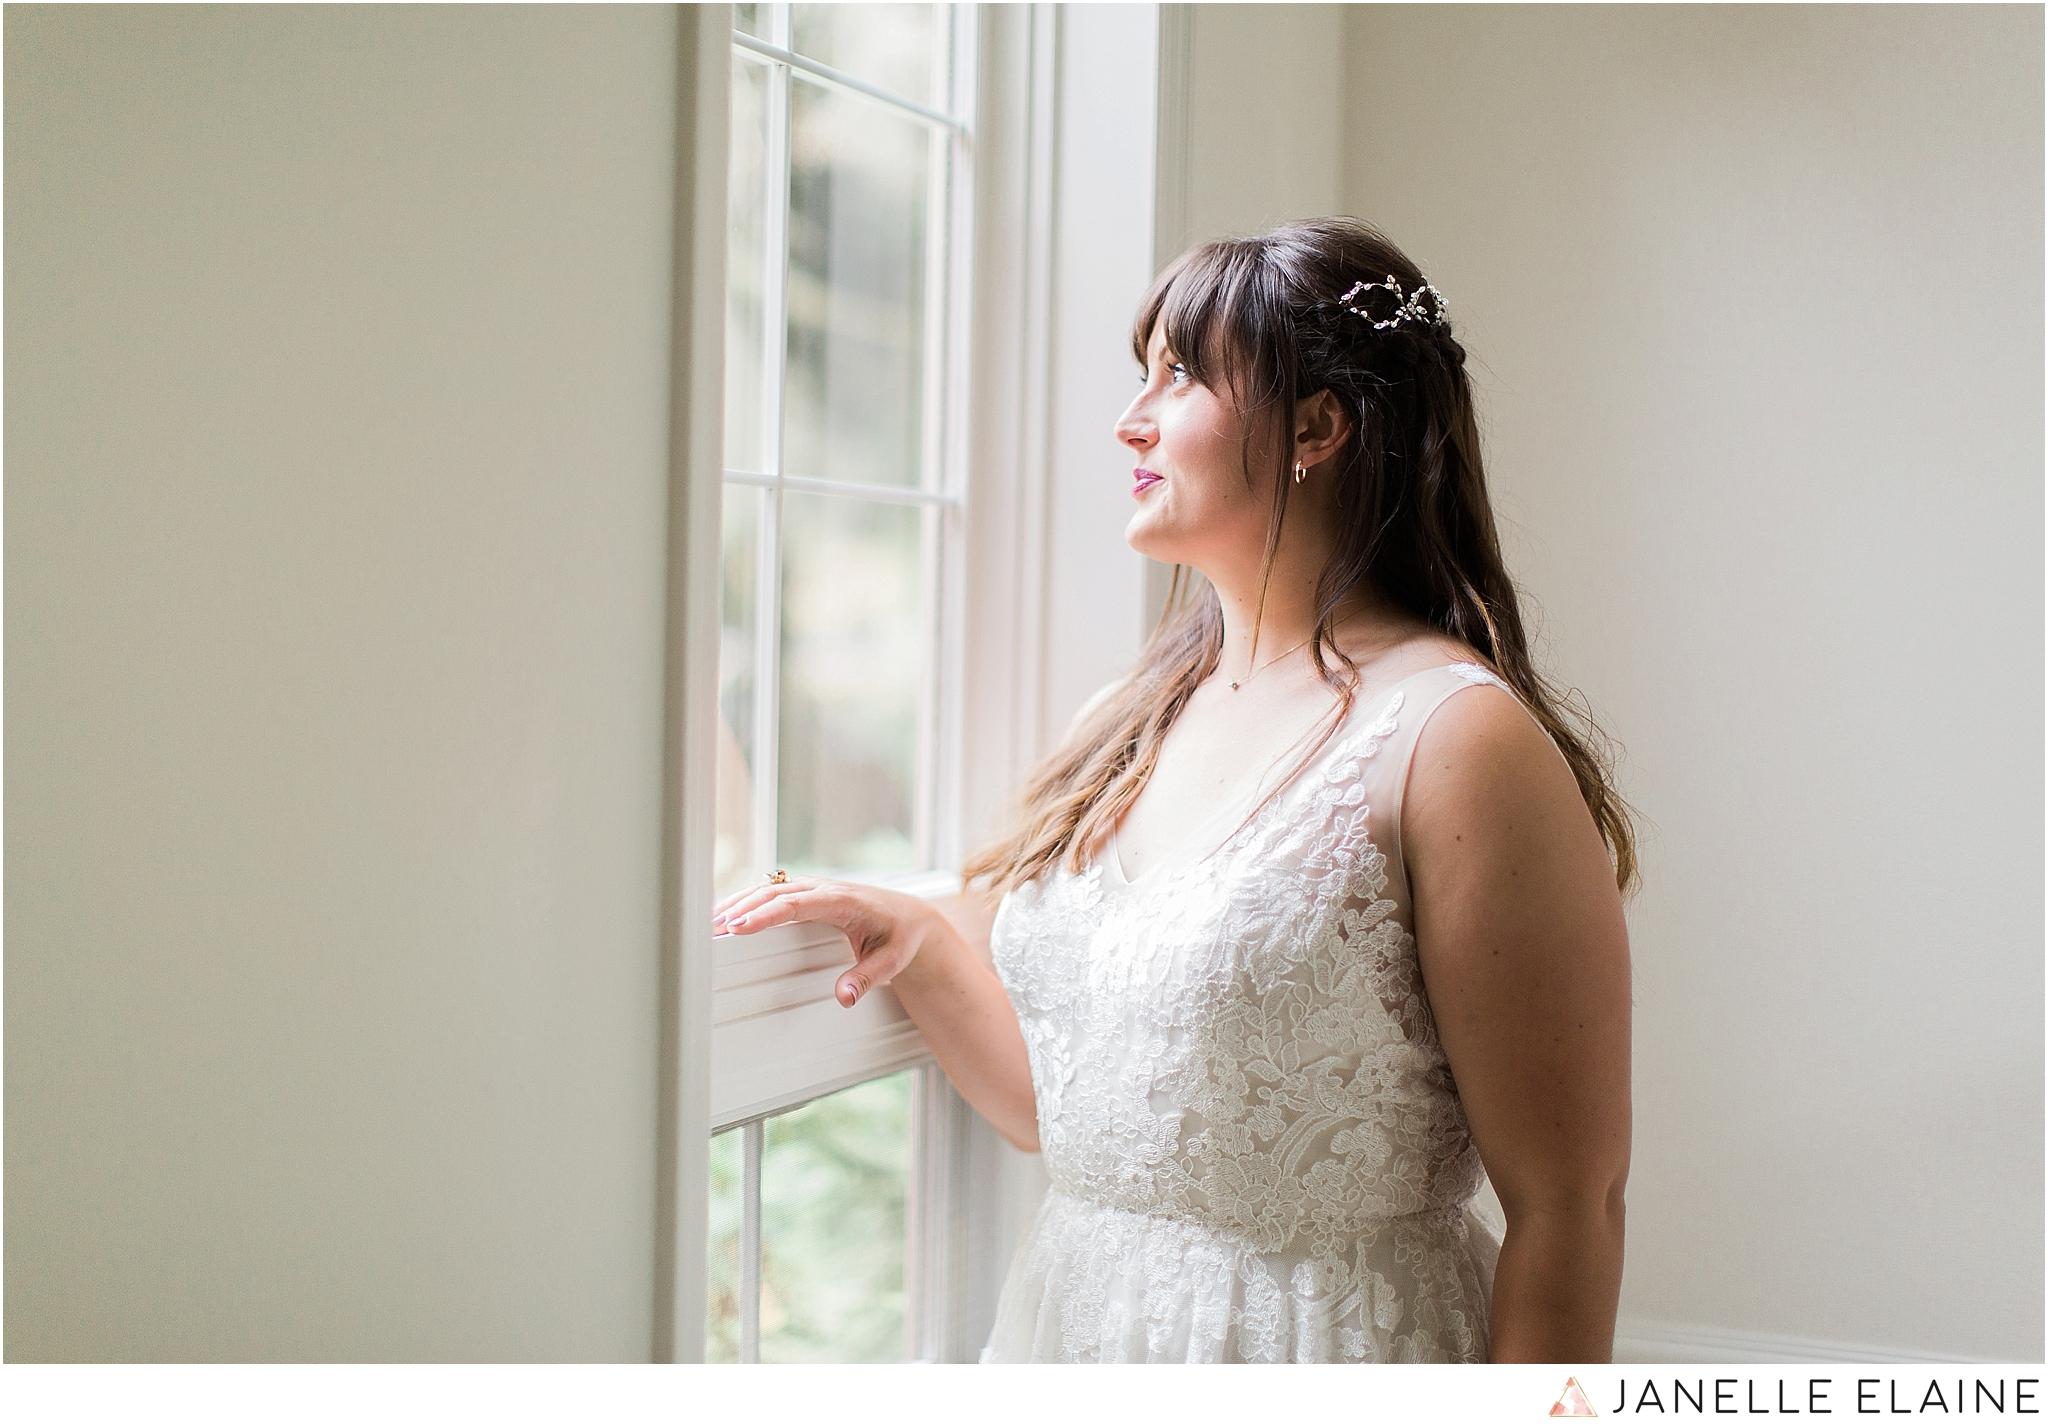 seattle-portrait-engagement-wedding-photographer-janelle-elaine-photography-7.jpg